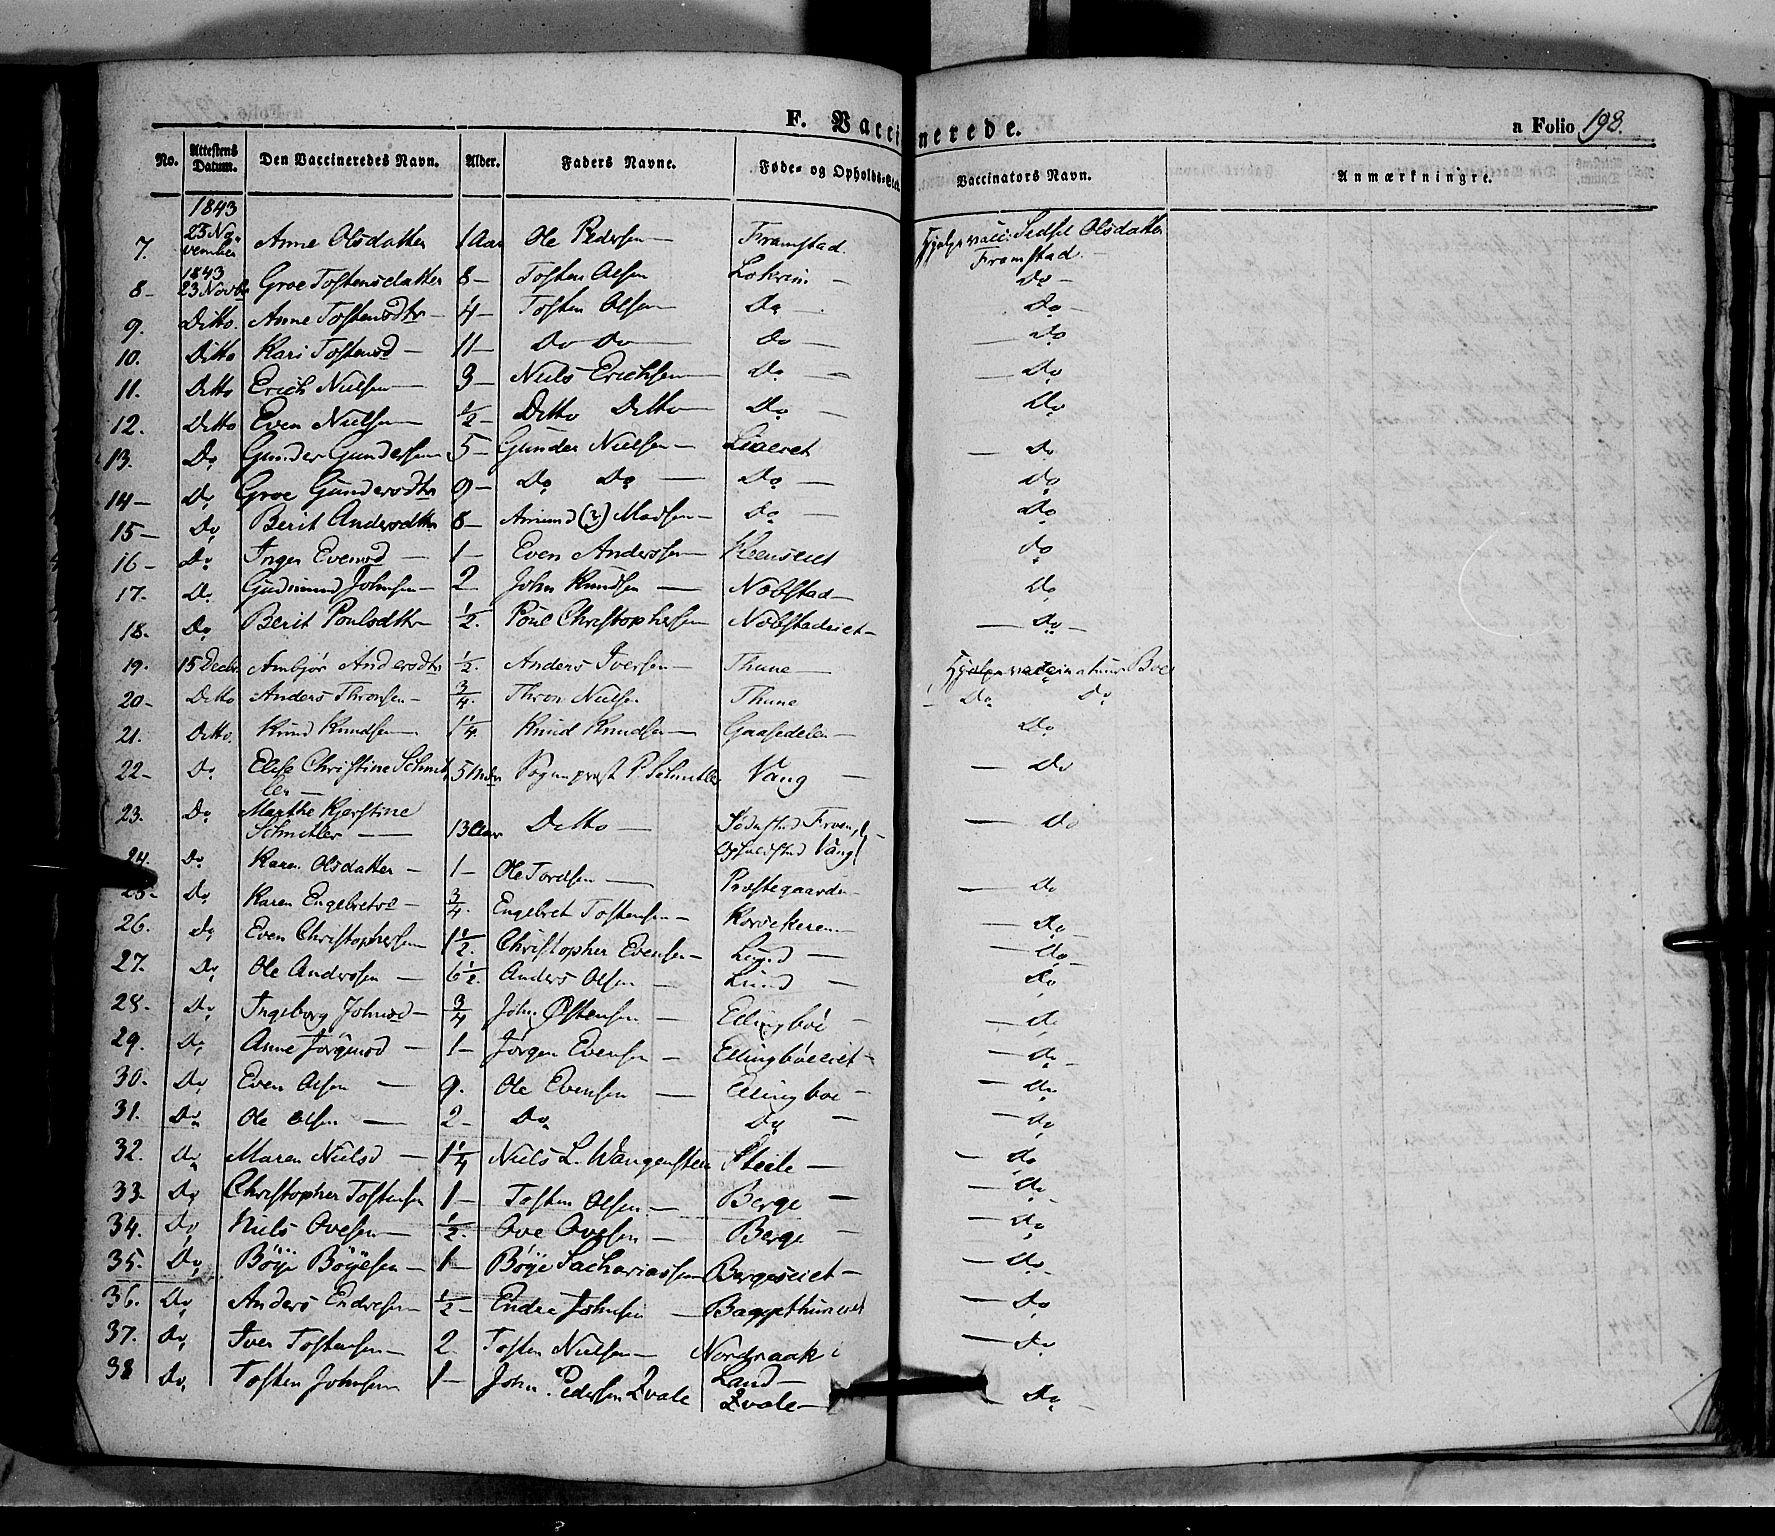 SAH, Vang prestekontor, Valdres, Ministerialbok nr. 5, 1831-1845, s. 198